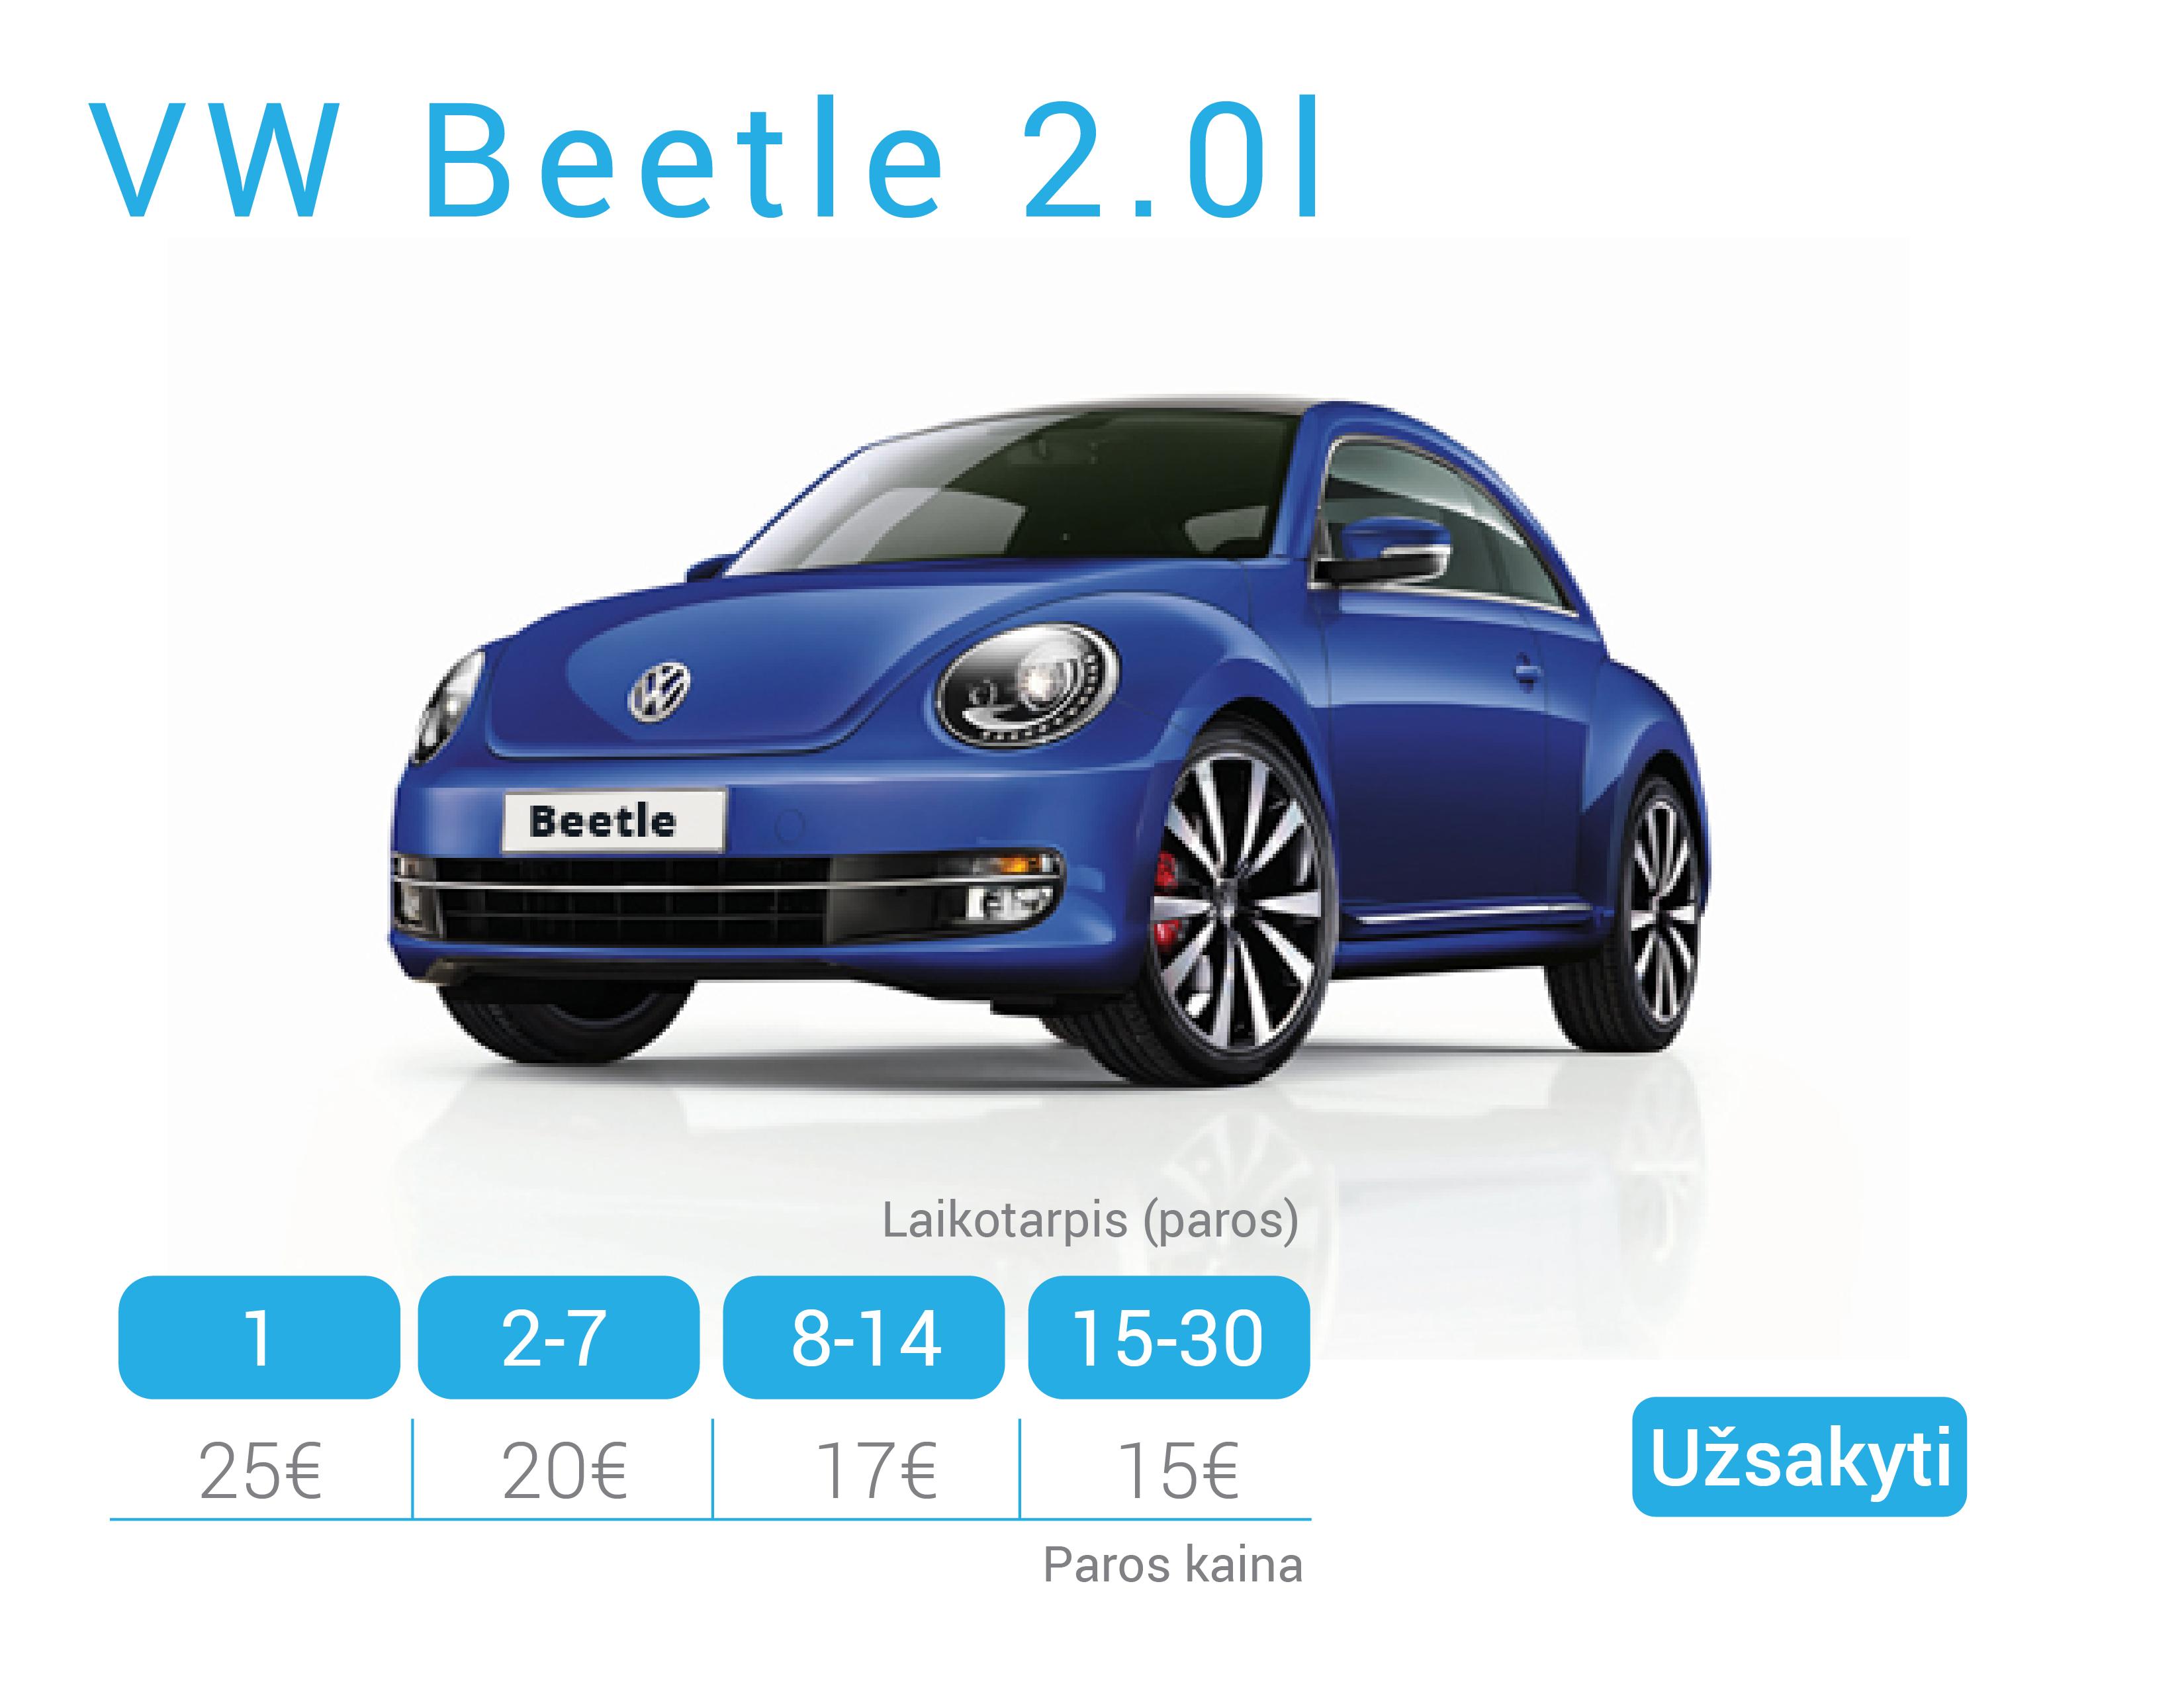 VW Beetle 3-01